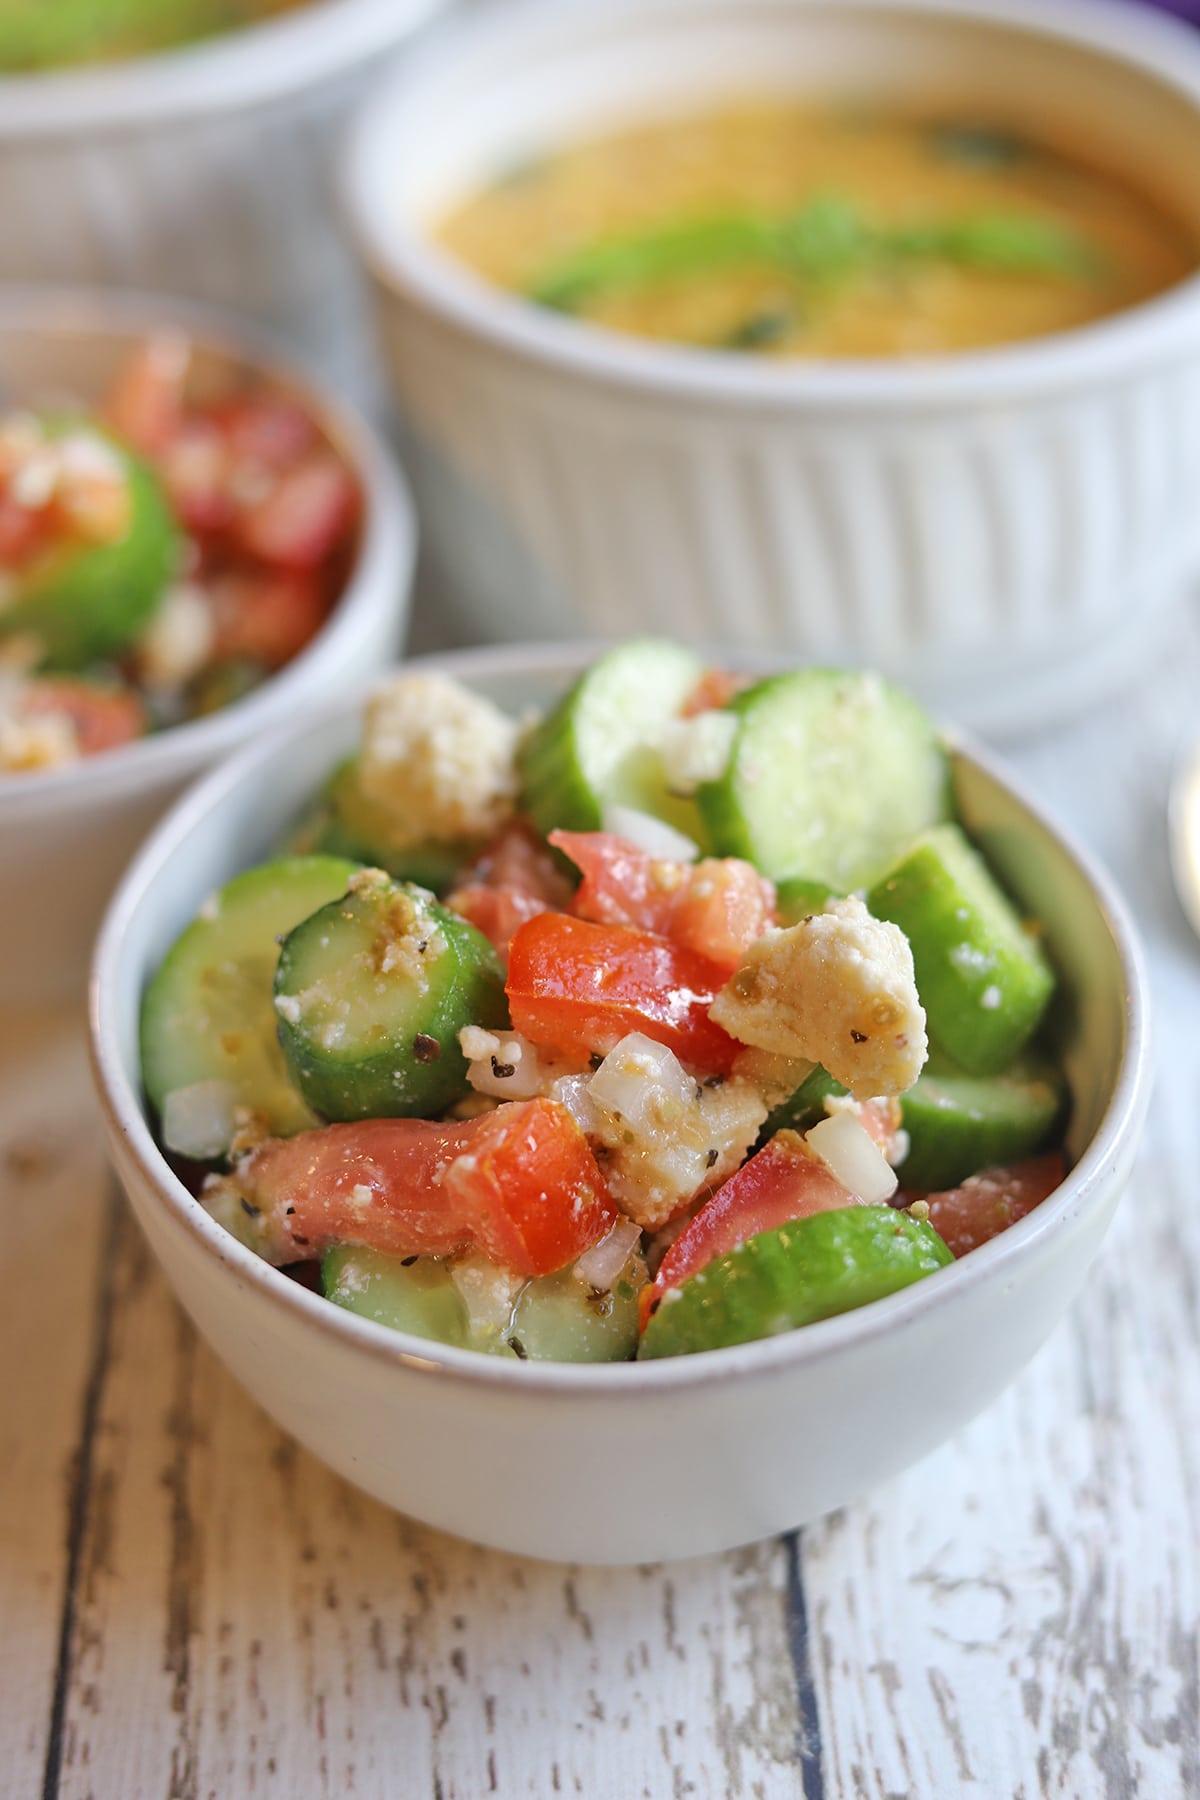 Individual bowl of salad.